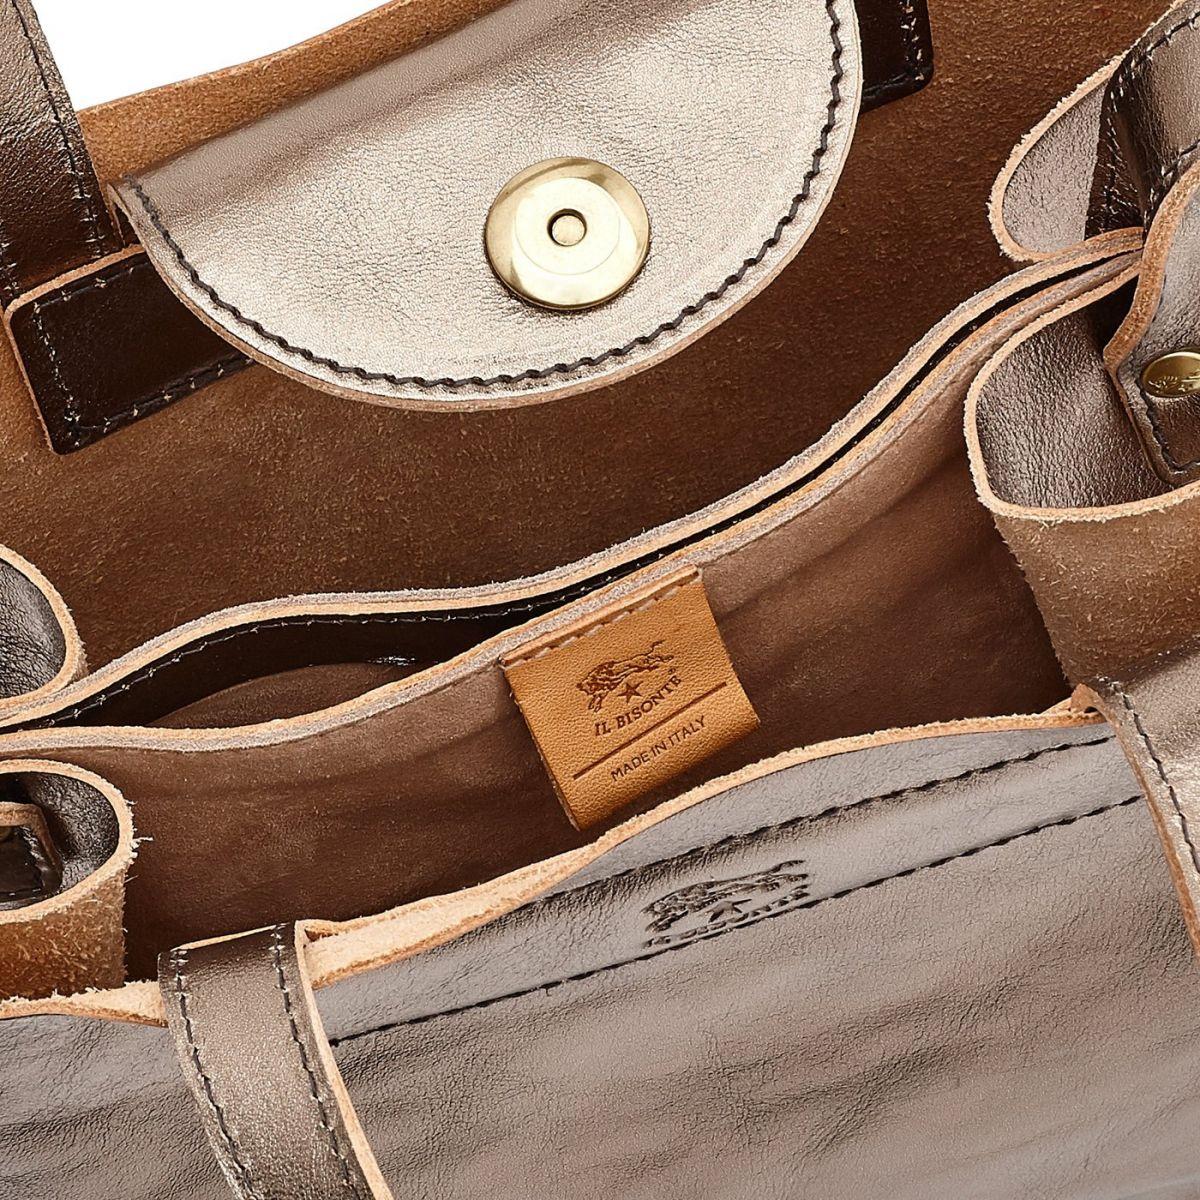 Women's Handbag  in Metallic Leather BTH106 color Metallic Bronze | Details